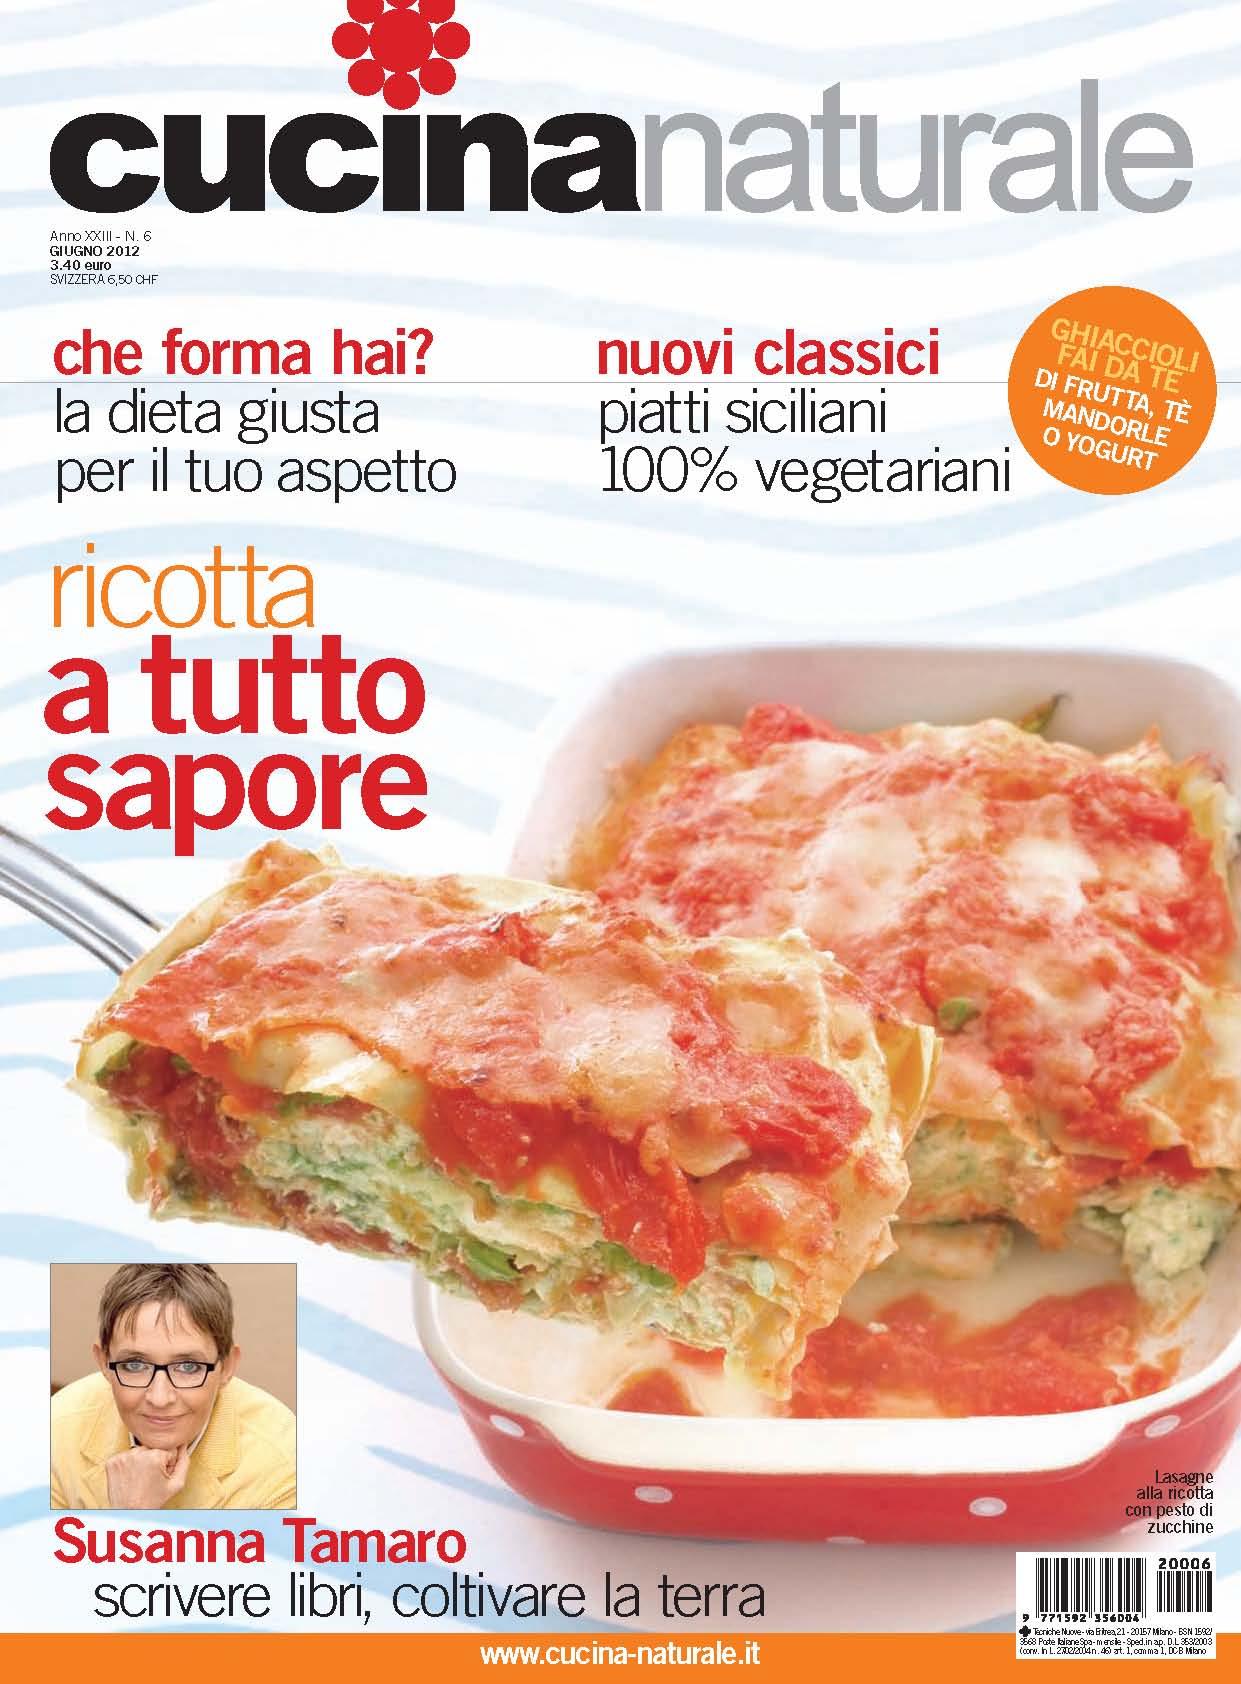 Cucina Naturale di giugno: Sicilia vegetariana, Panzanella & C, Ricotta insolita, Ghiaccioli naturali